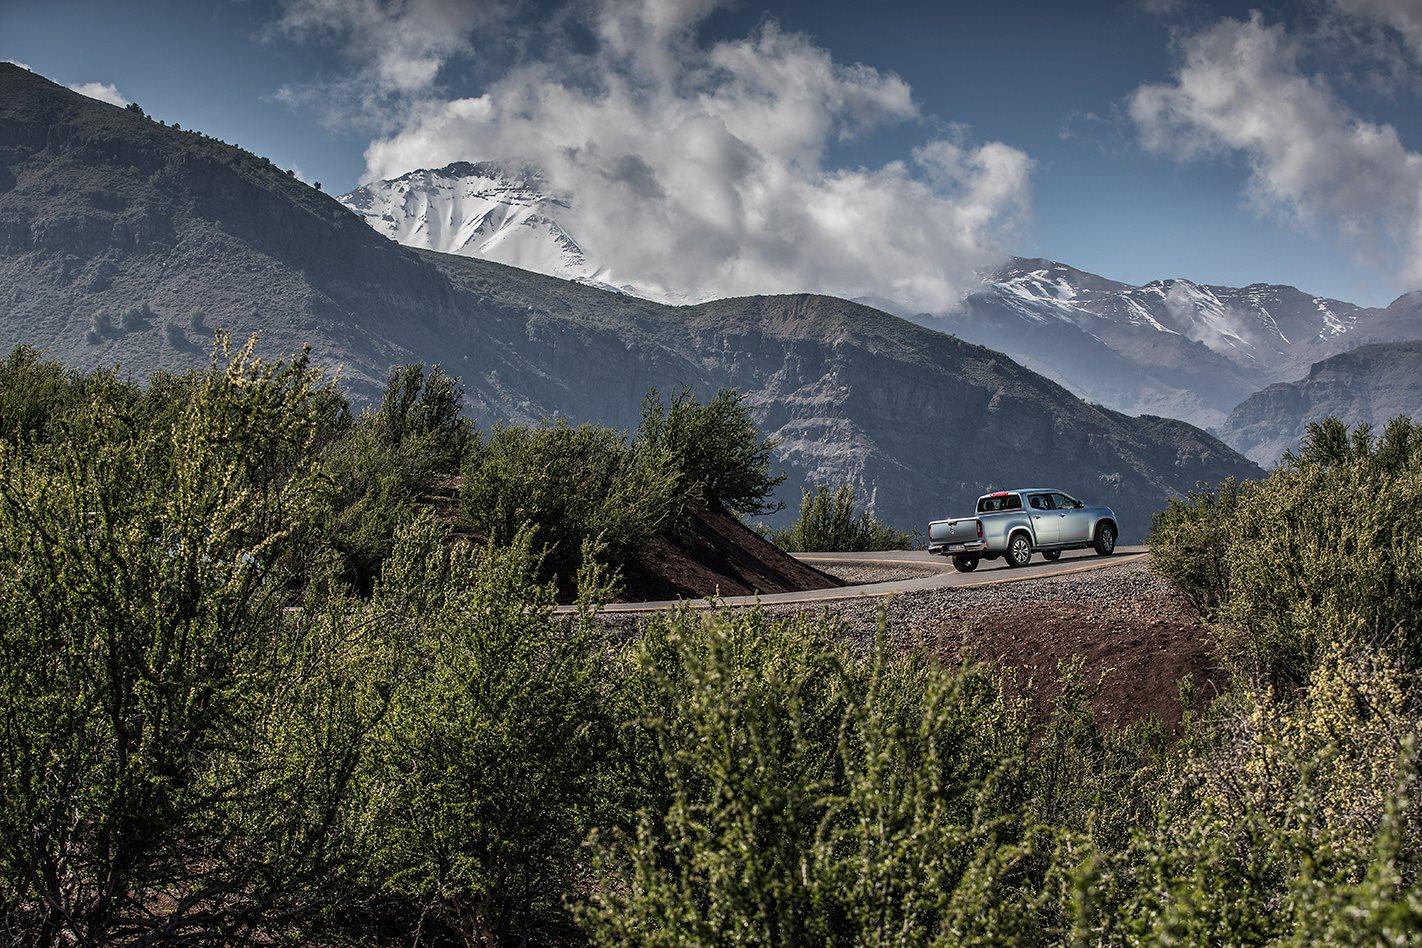 2018-Mercees-Benz-X-Class-outdoors.jpg